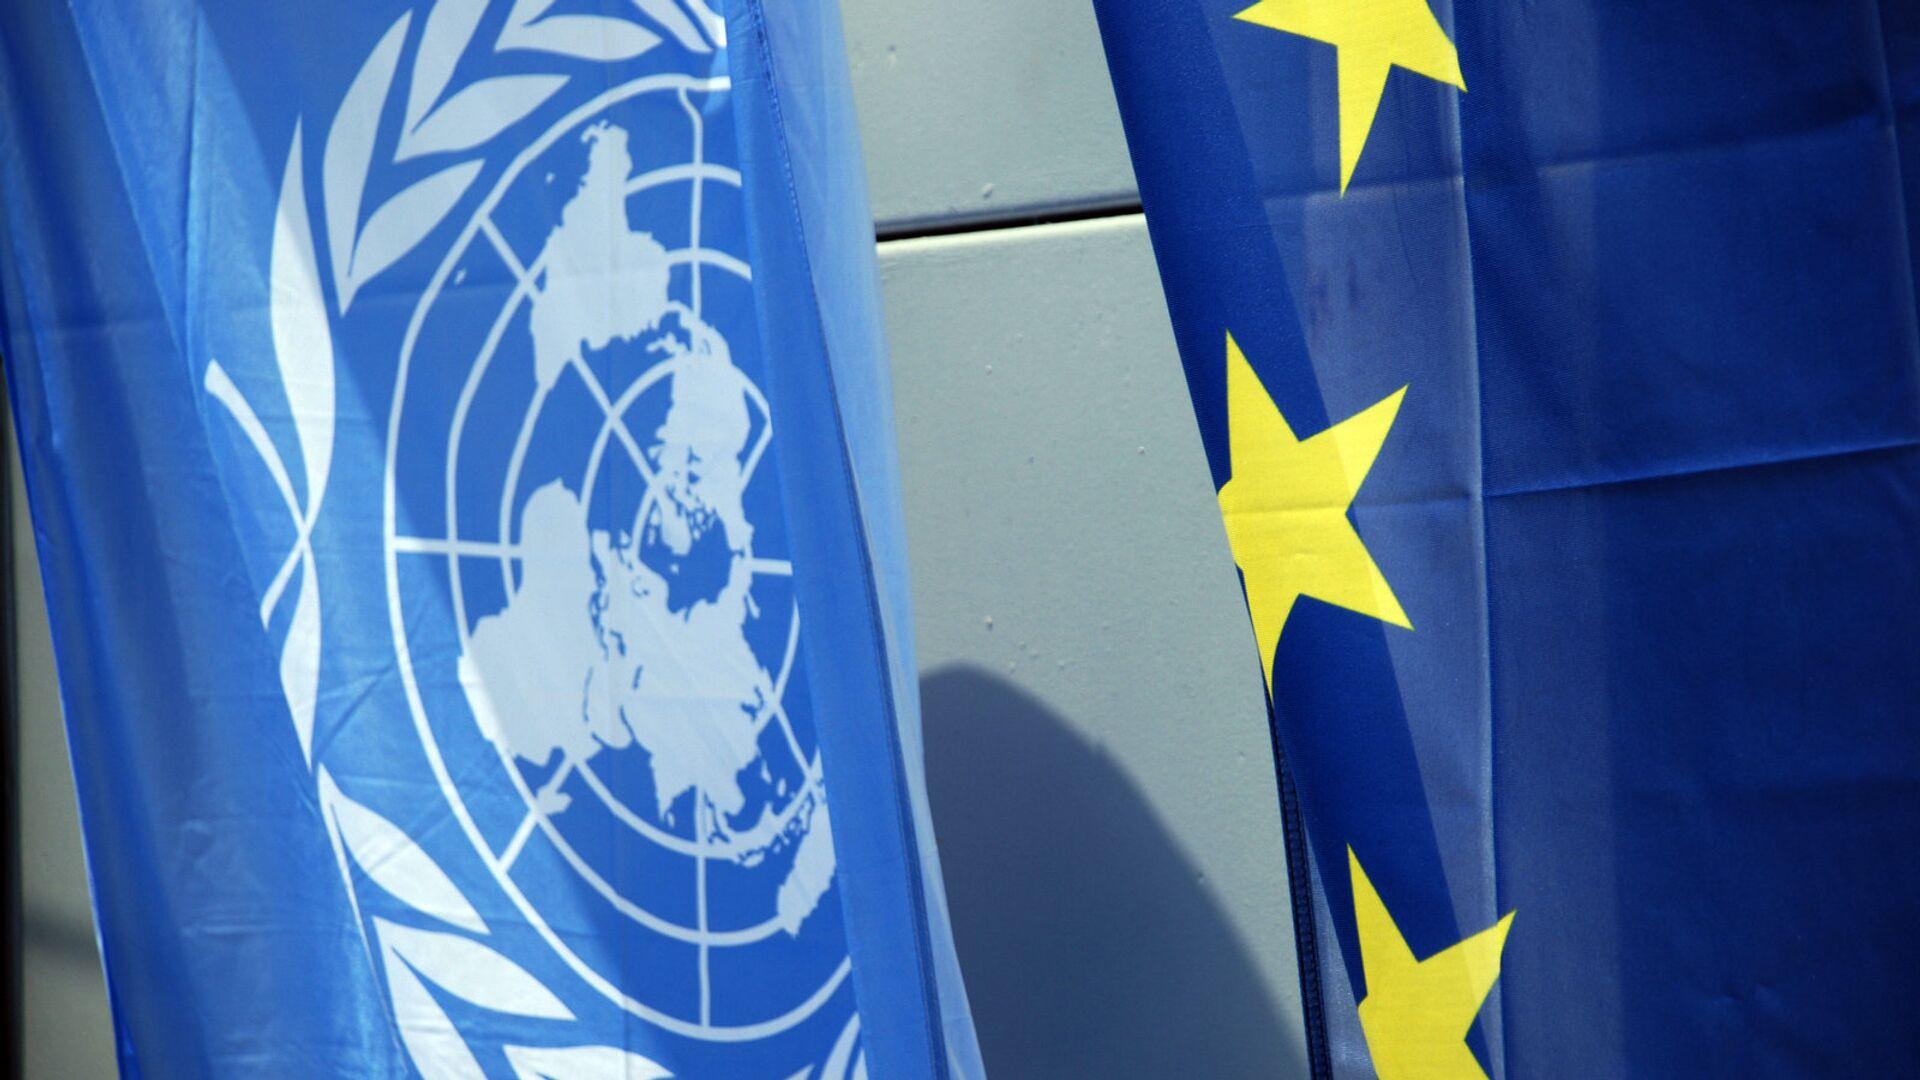 Флаги Евросоюза и НАТО - РИА Новости, 1920, 31.05.2021